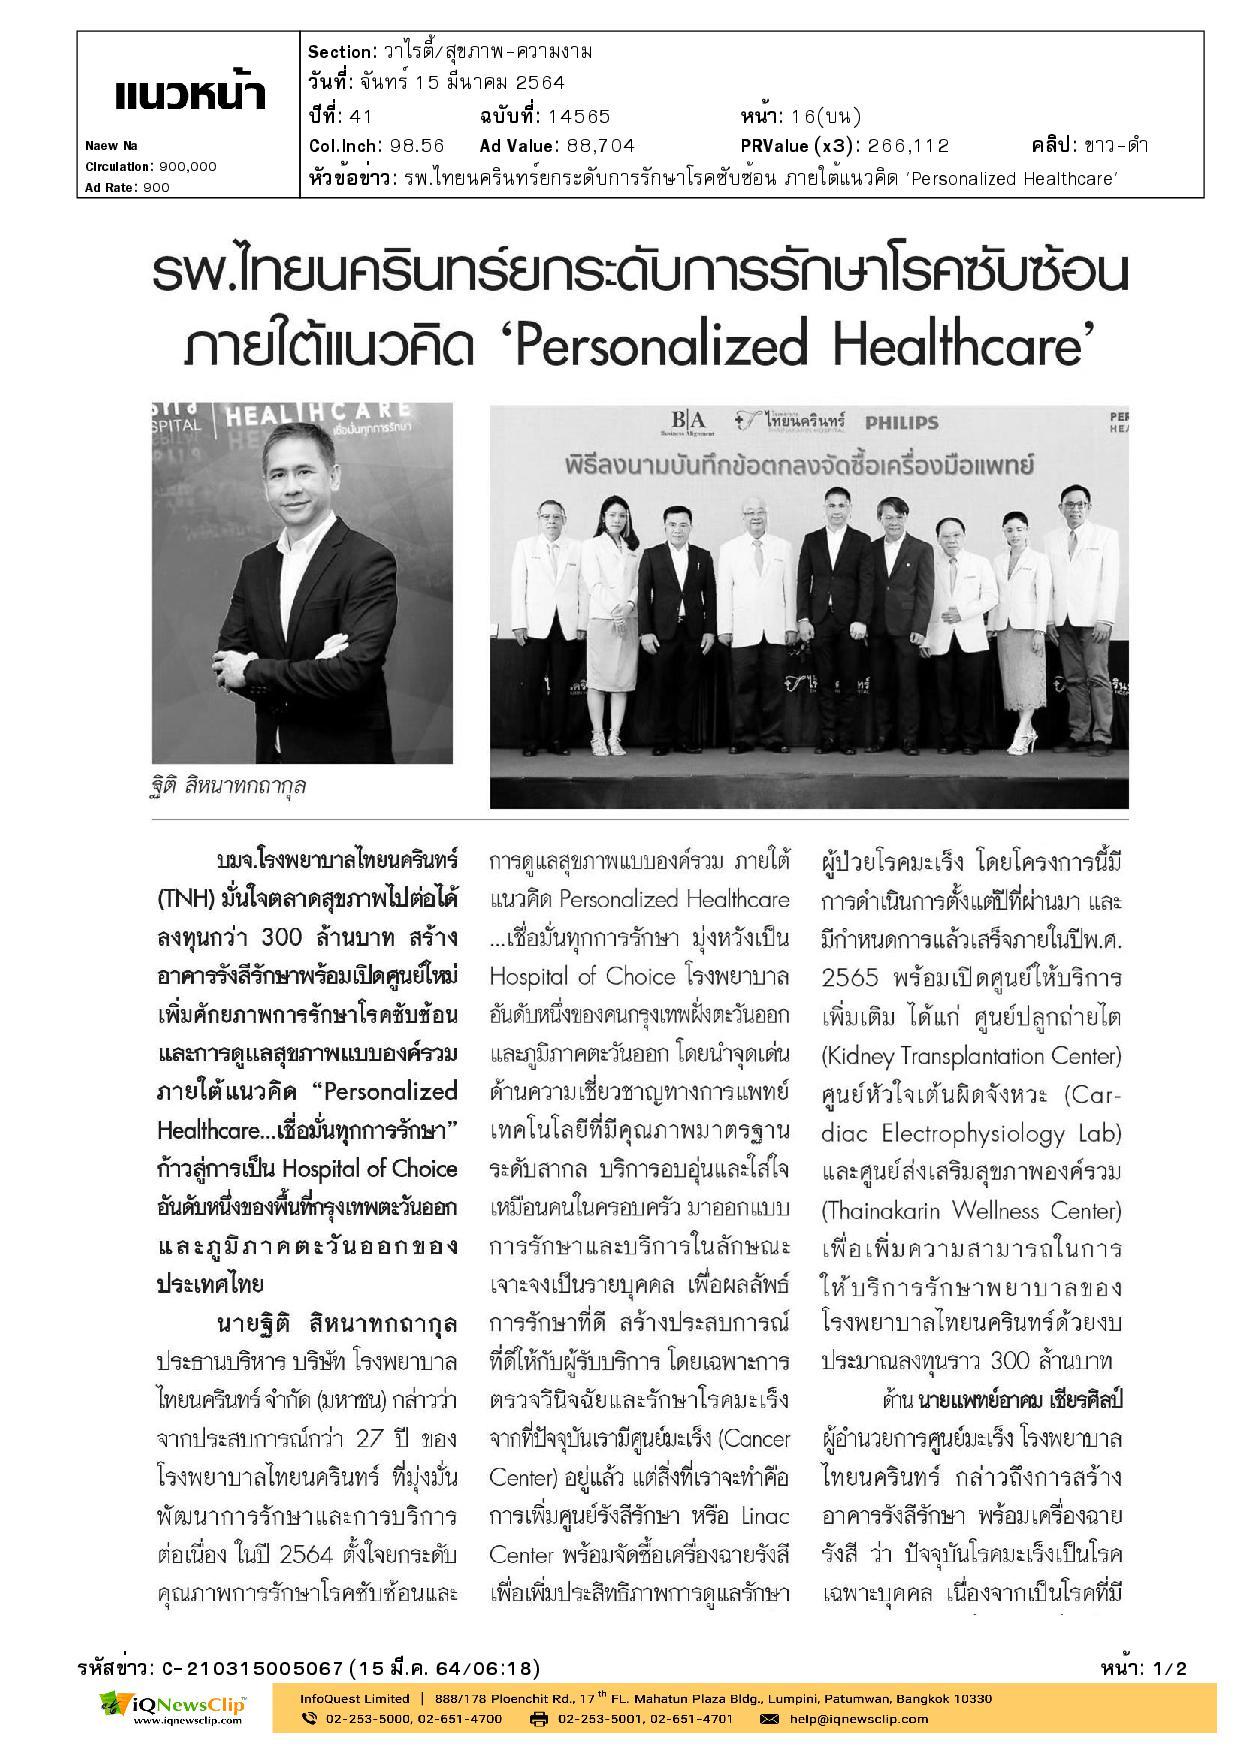 """รพ.ไทยนครินทร์ ยกระดับการรักษาโรคซับซ้อน ภายใต้แนวคิด """"Personalized Healthcare"""""""